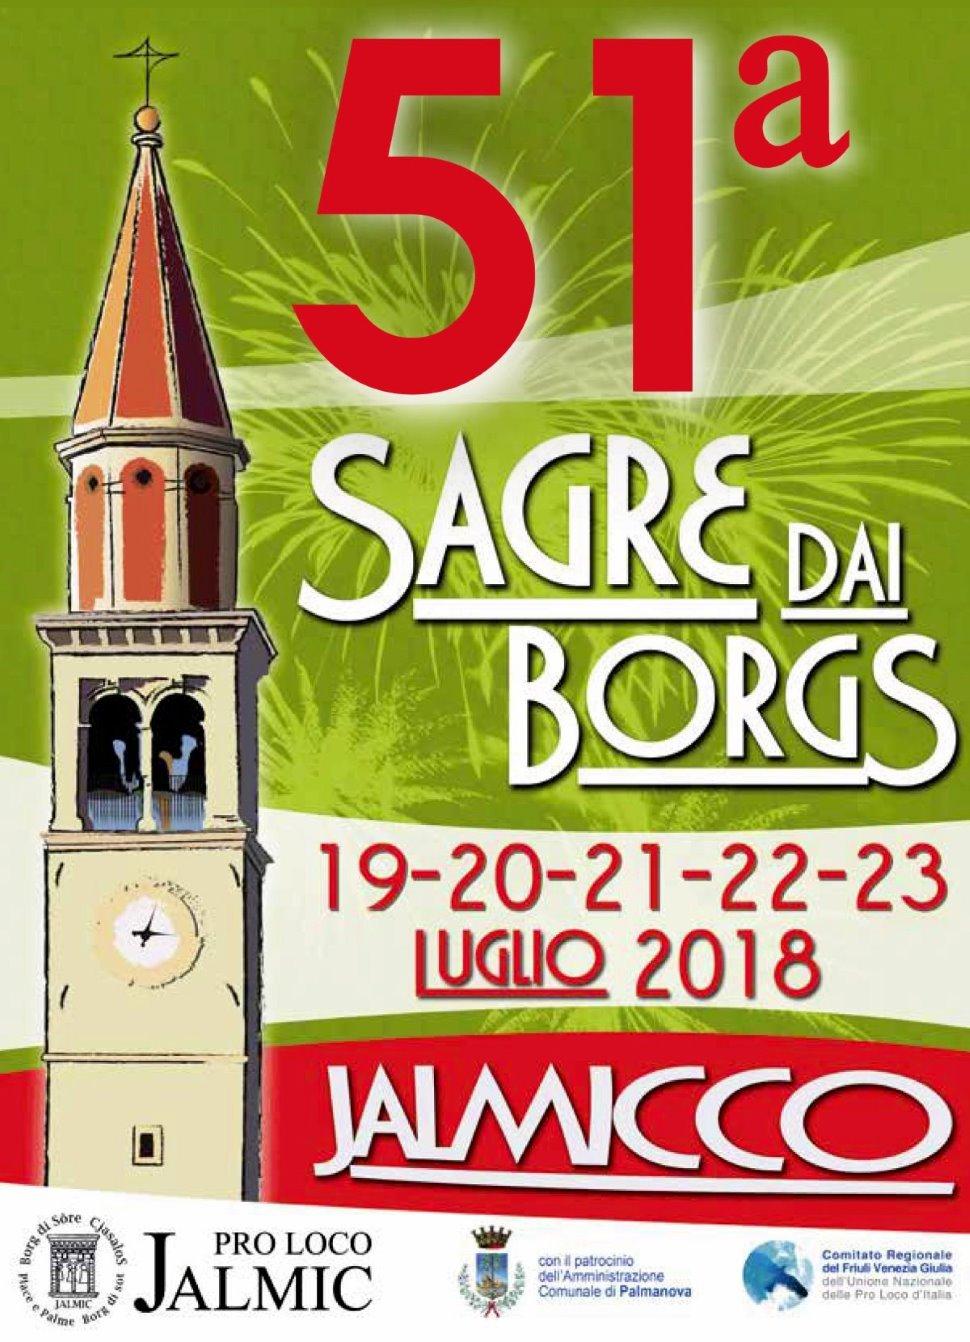 51° SAGRE DAI BORGS – JALMICCO Sagra paesana tradizionale dal 19 luglio 2018 al 23 luglio 2018